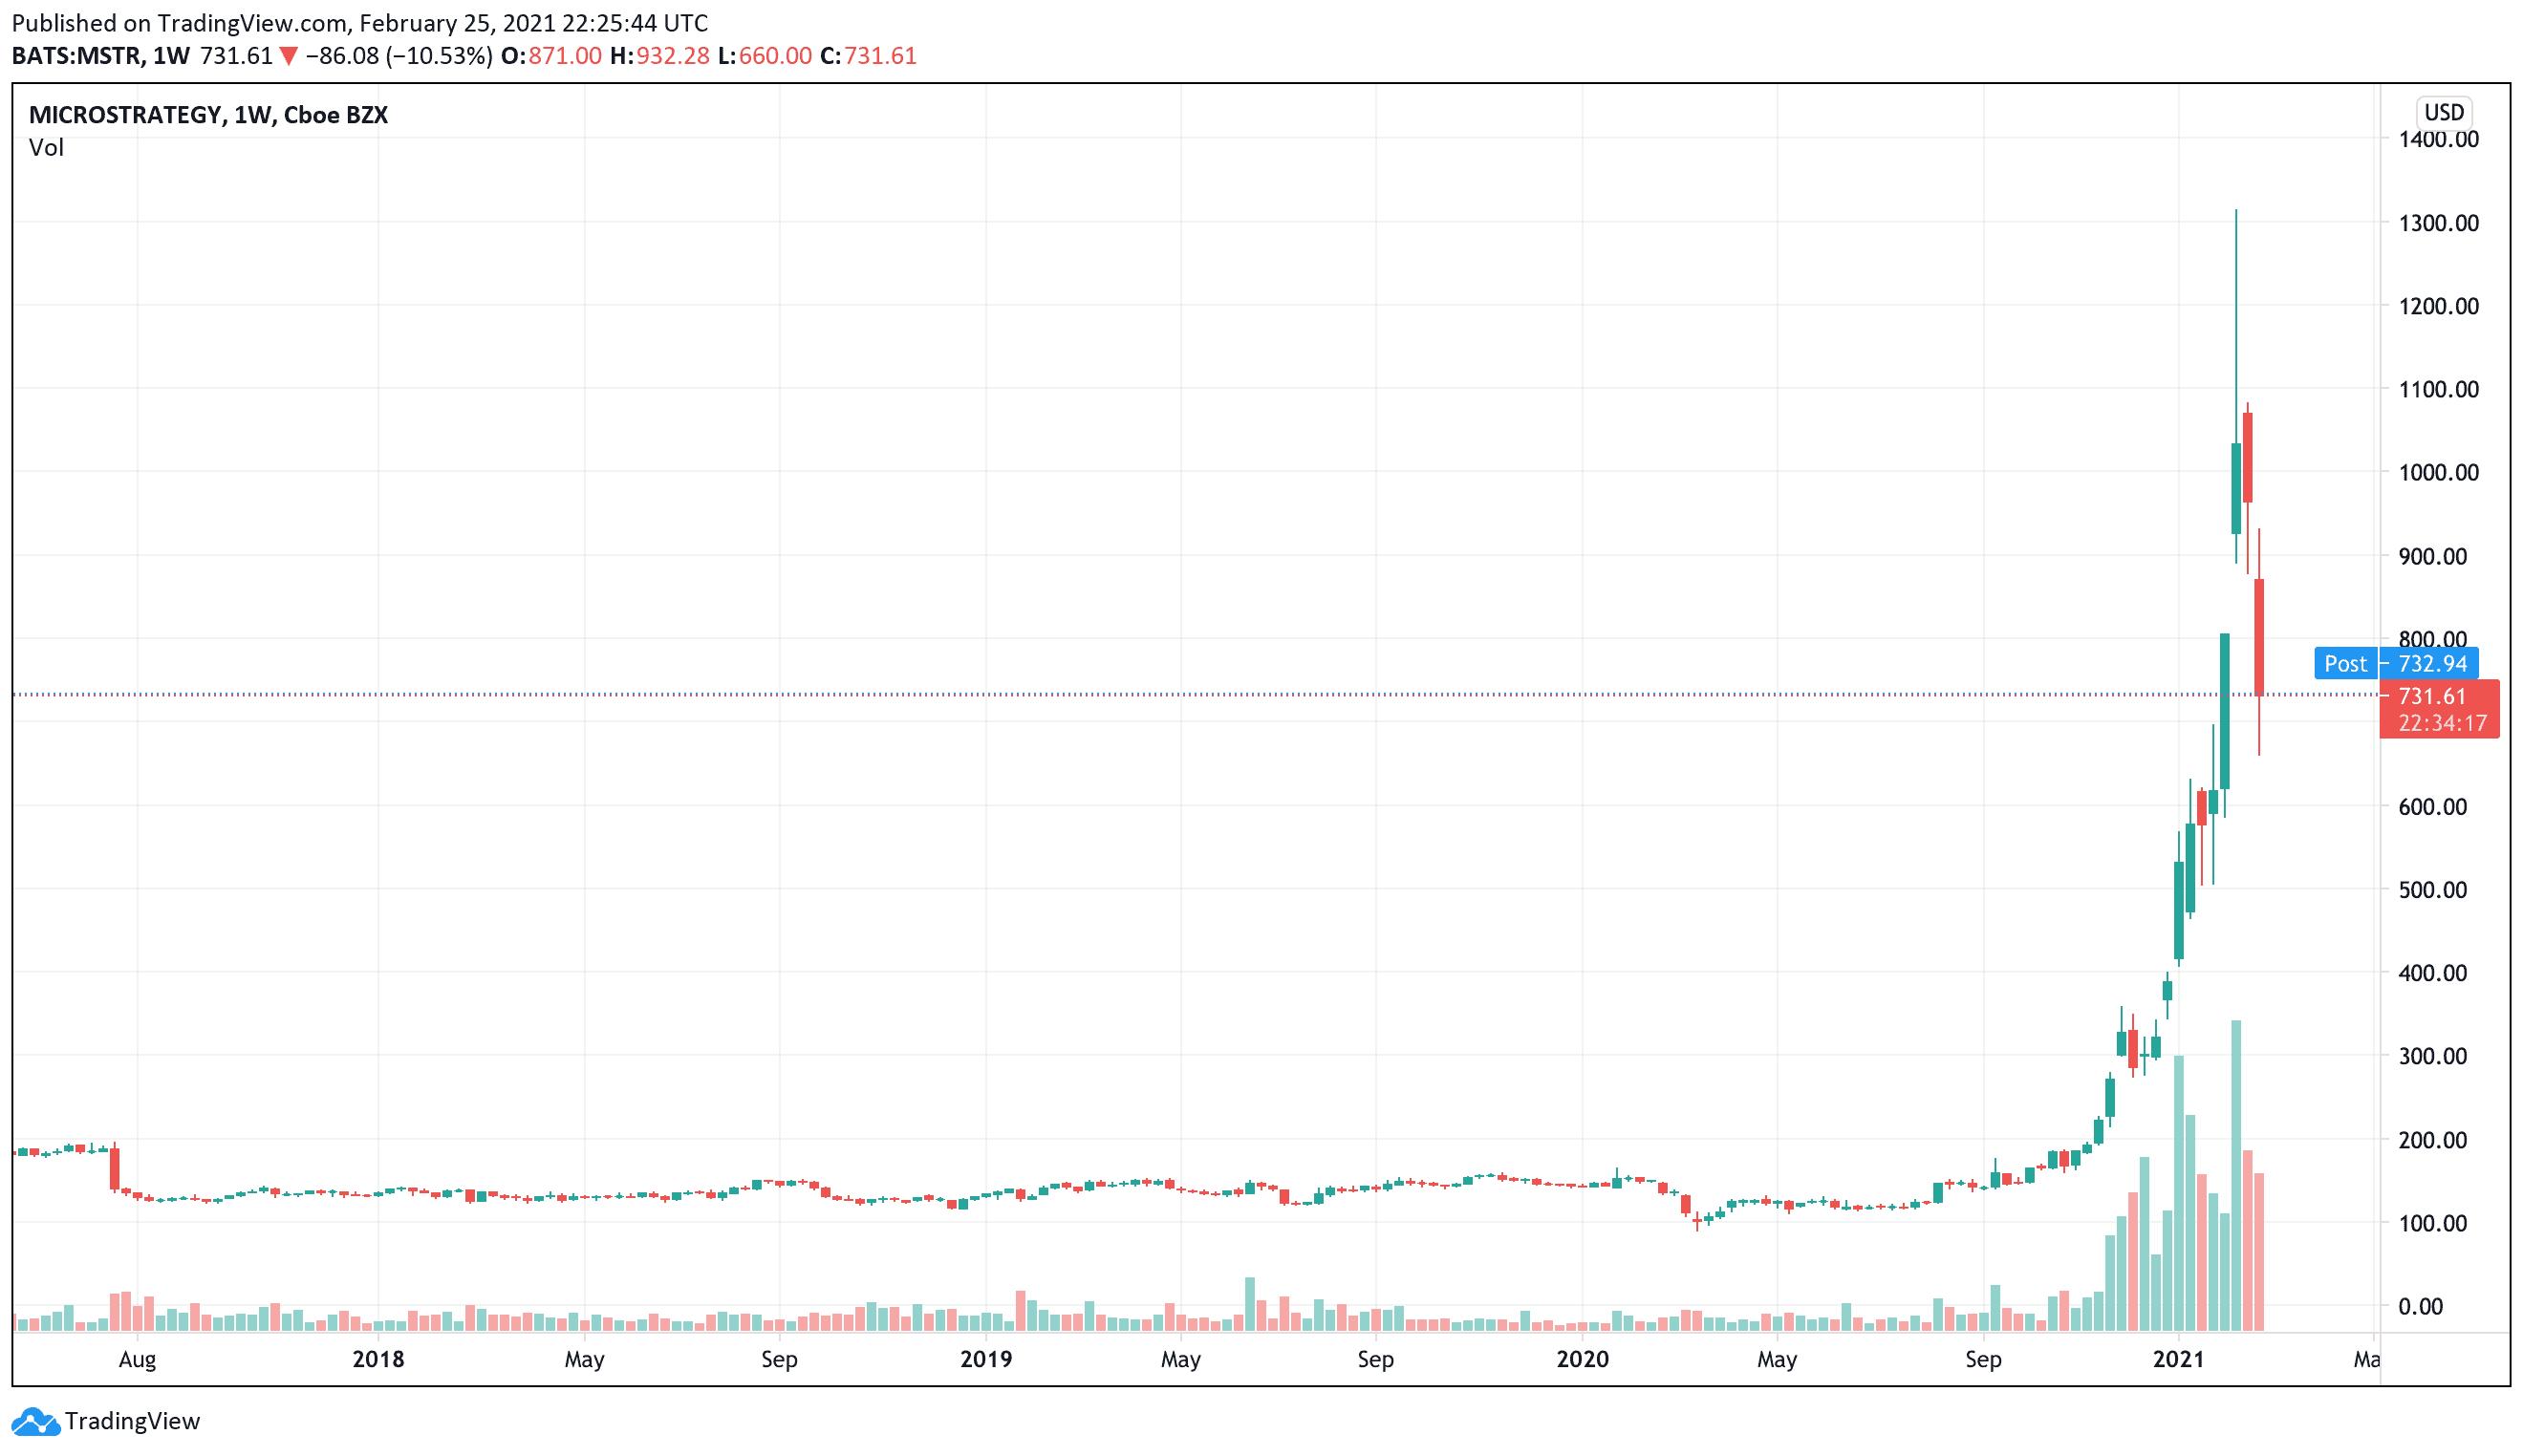 Der MicroStrategy Kurs profitiert von der Bitcoin Rally